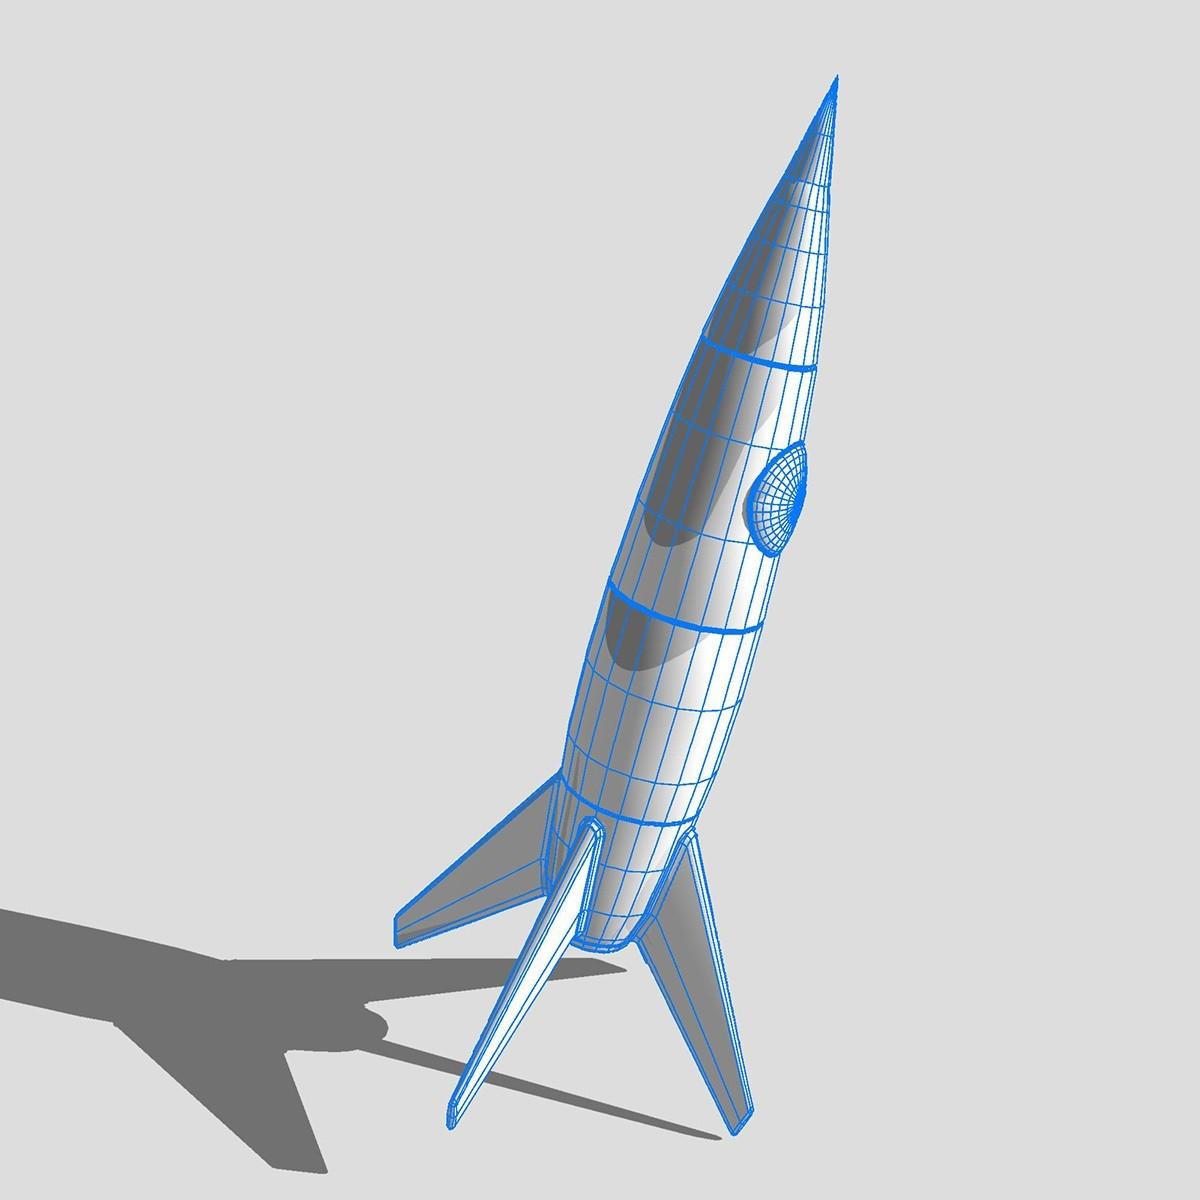 transport_pack_wairframe0001.jpg Download STL file rocket • 3D printable design, scifikid